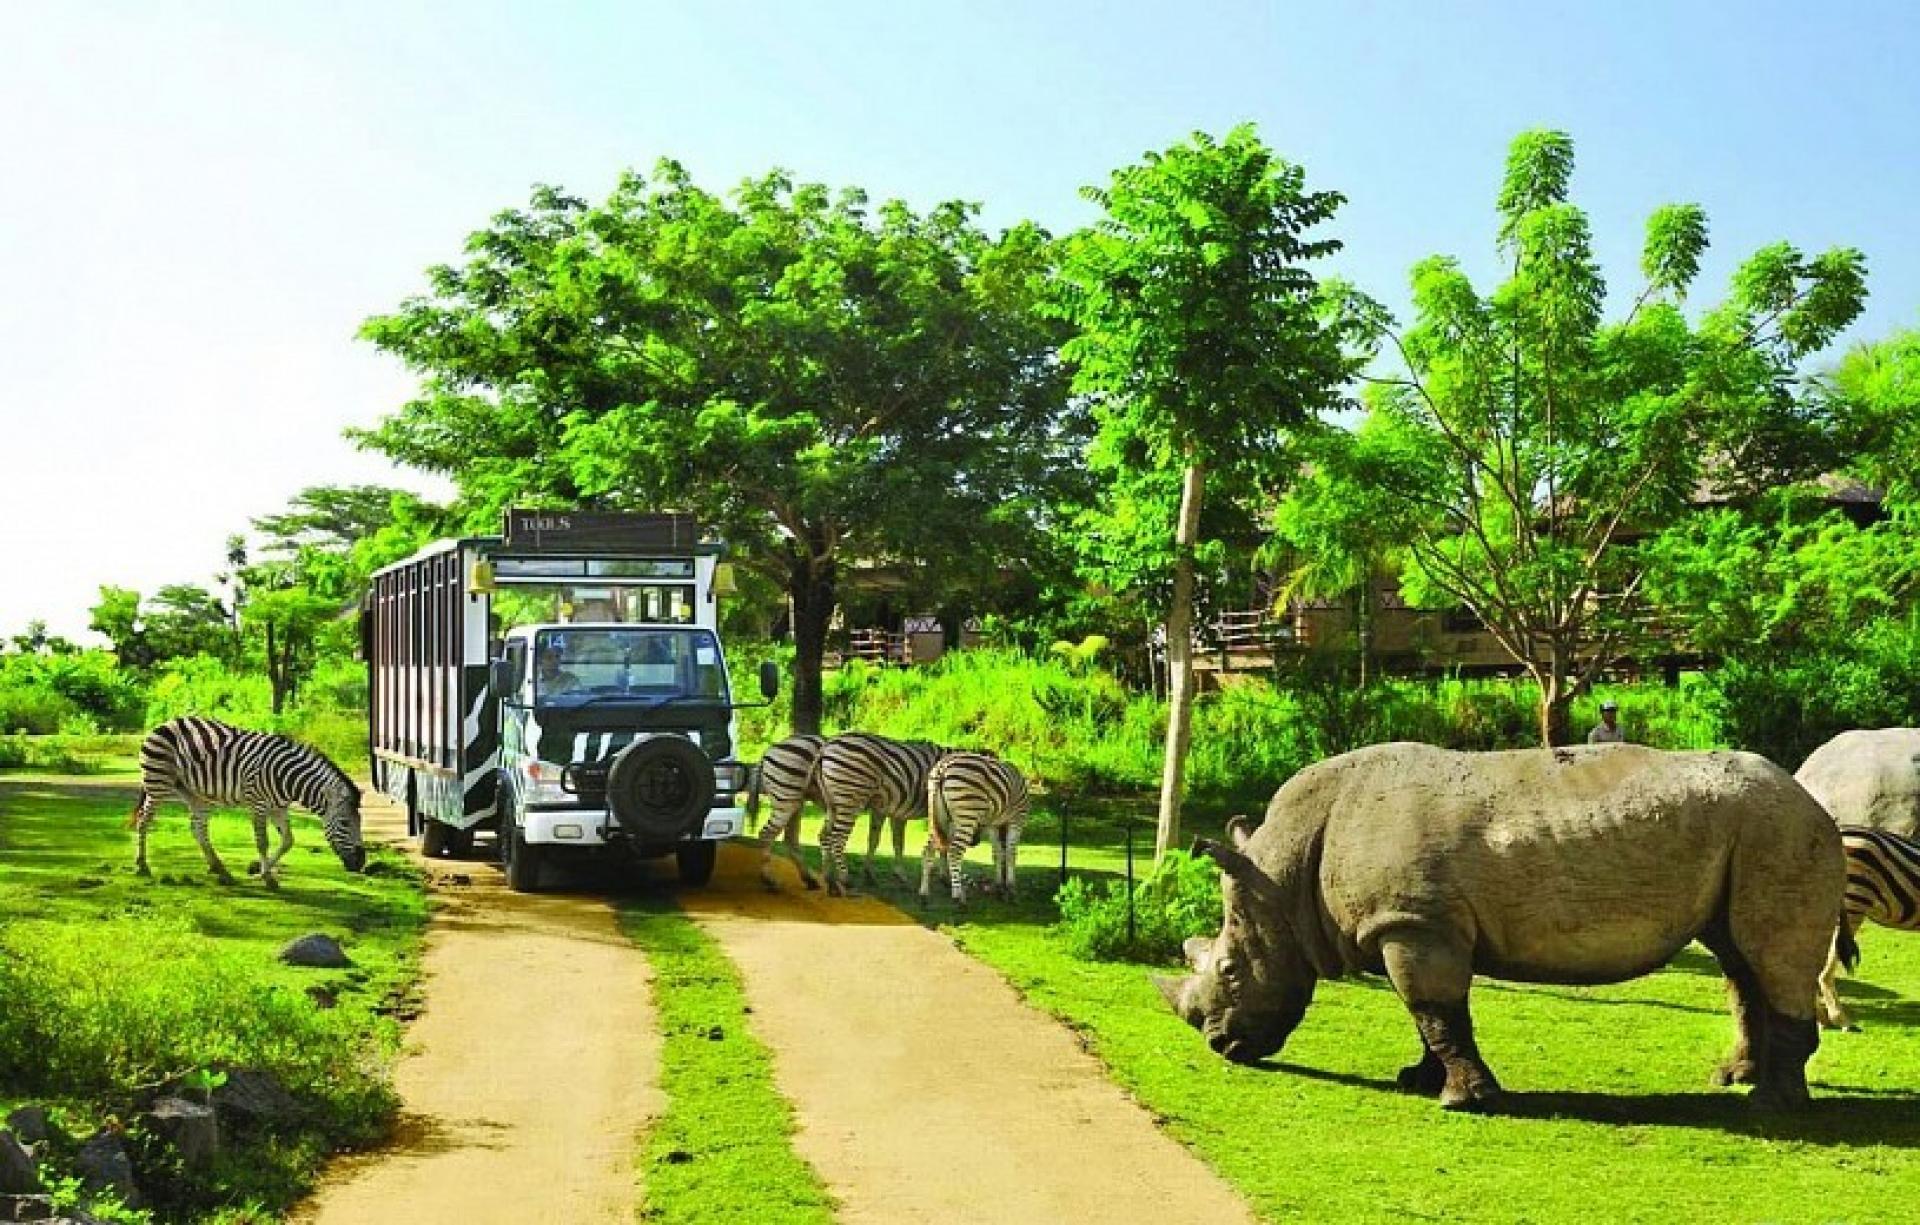 Dịch vụ vận chuyển hàng đi Thái Lan giá rẻ